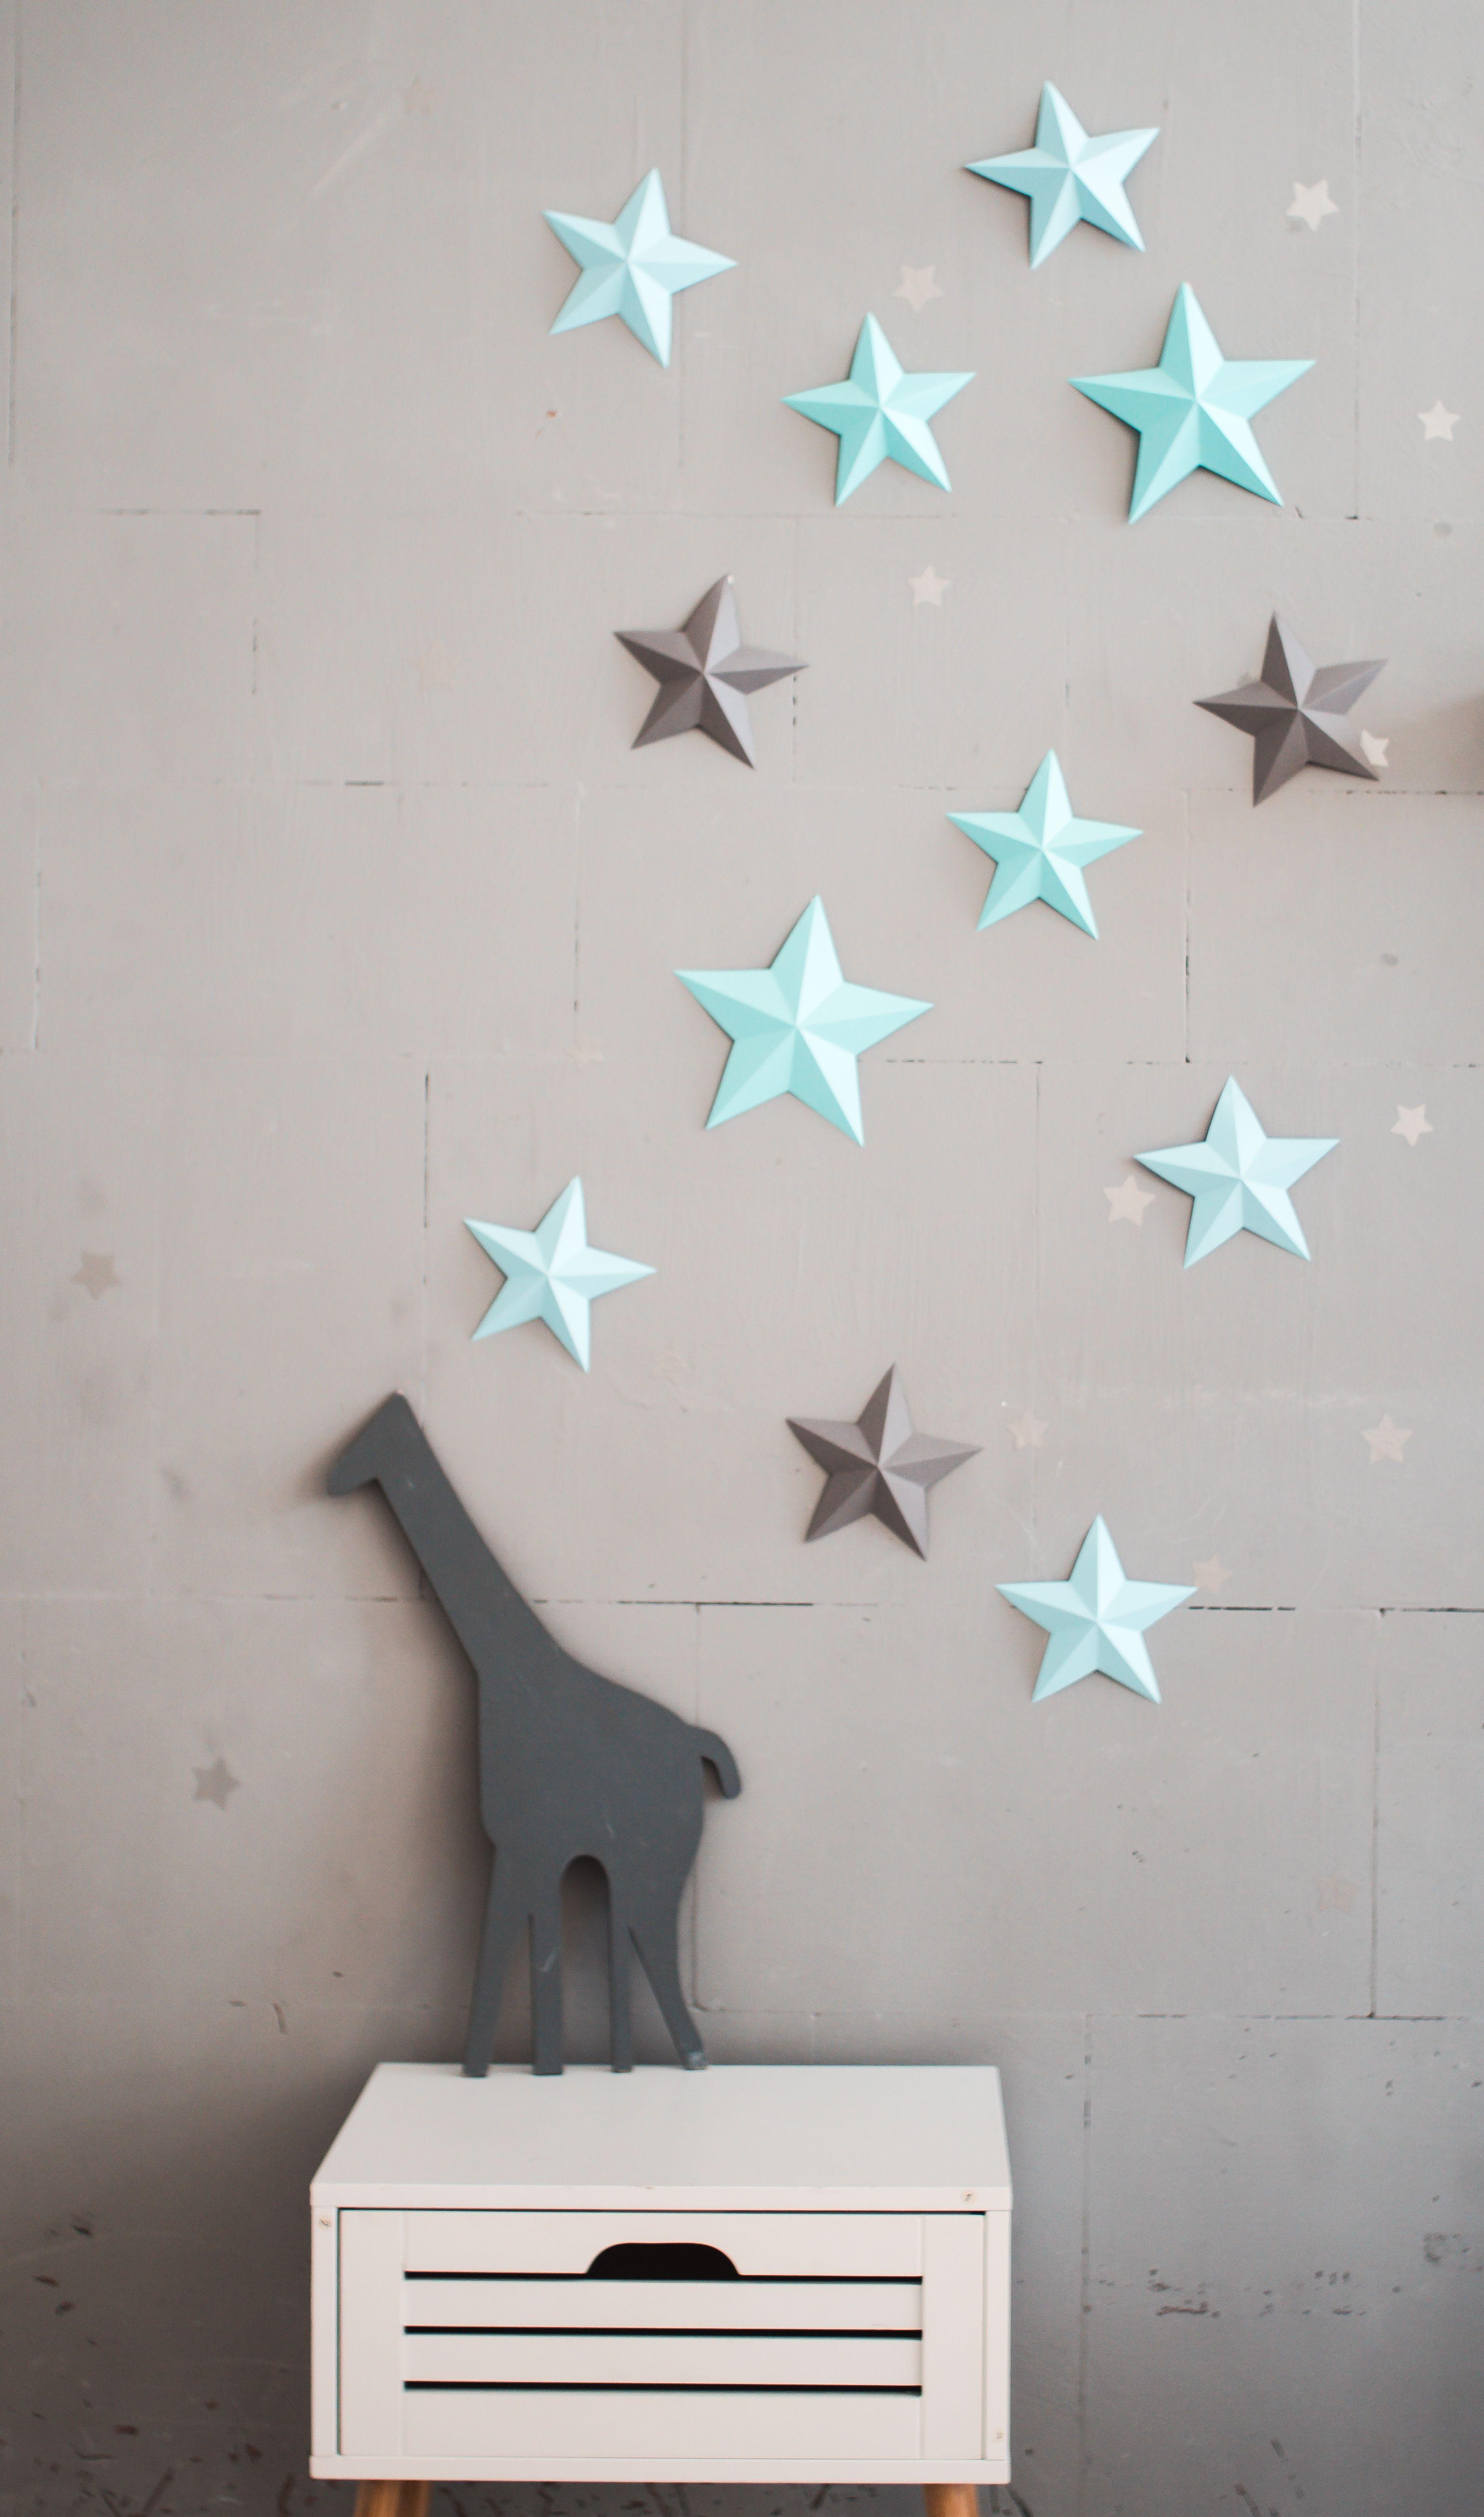 Pin On Nursery Decor Stars Decor Ideas For Baby Room